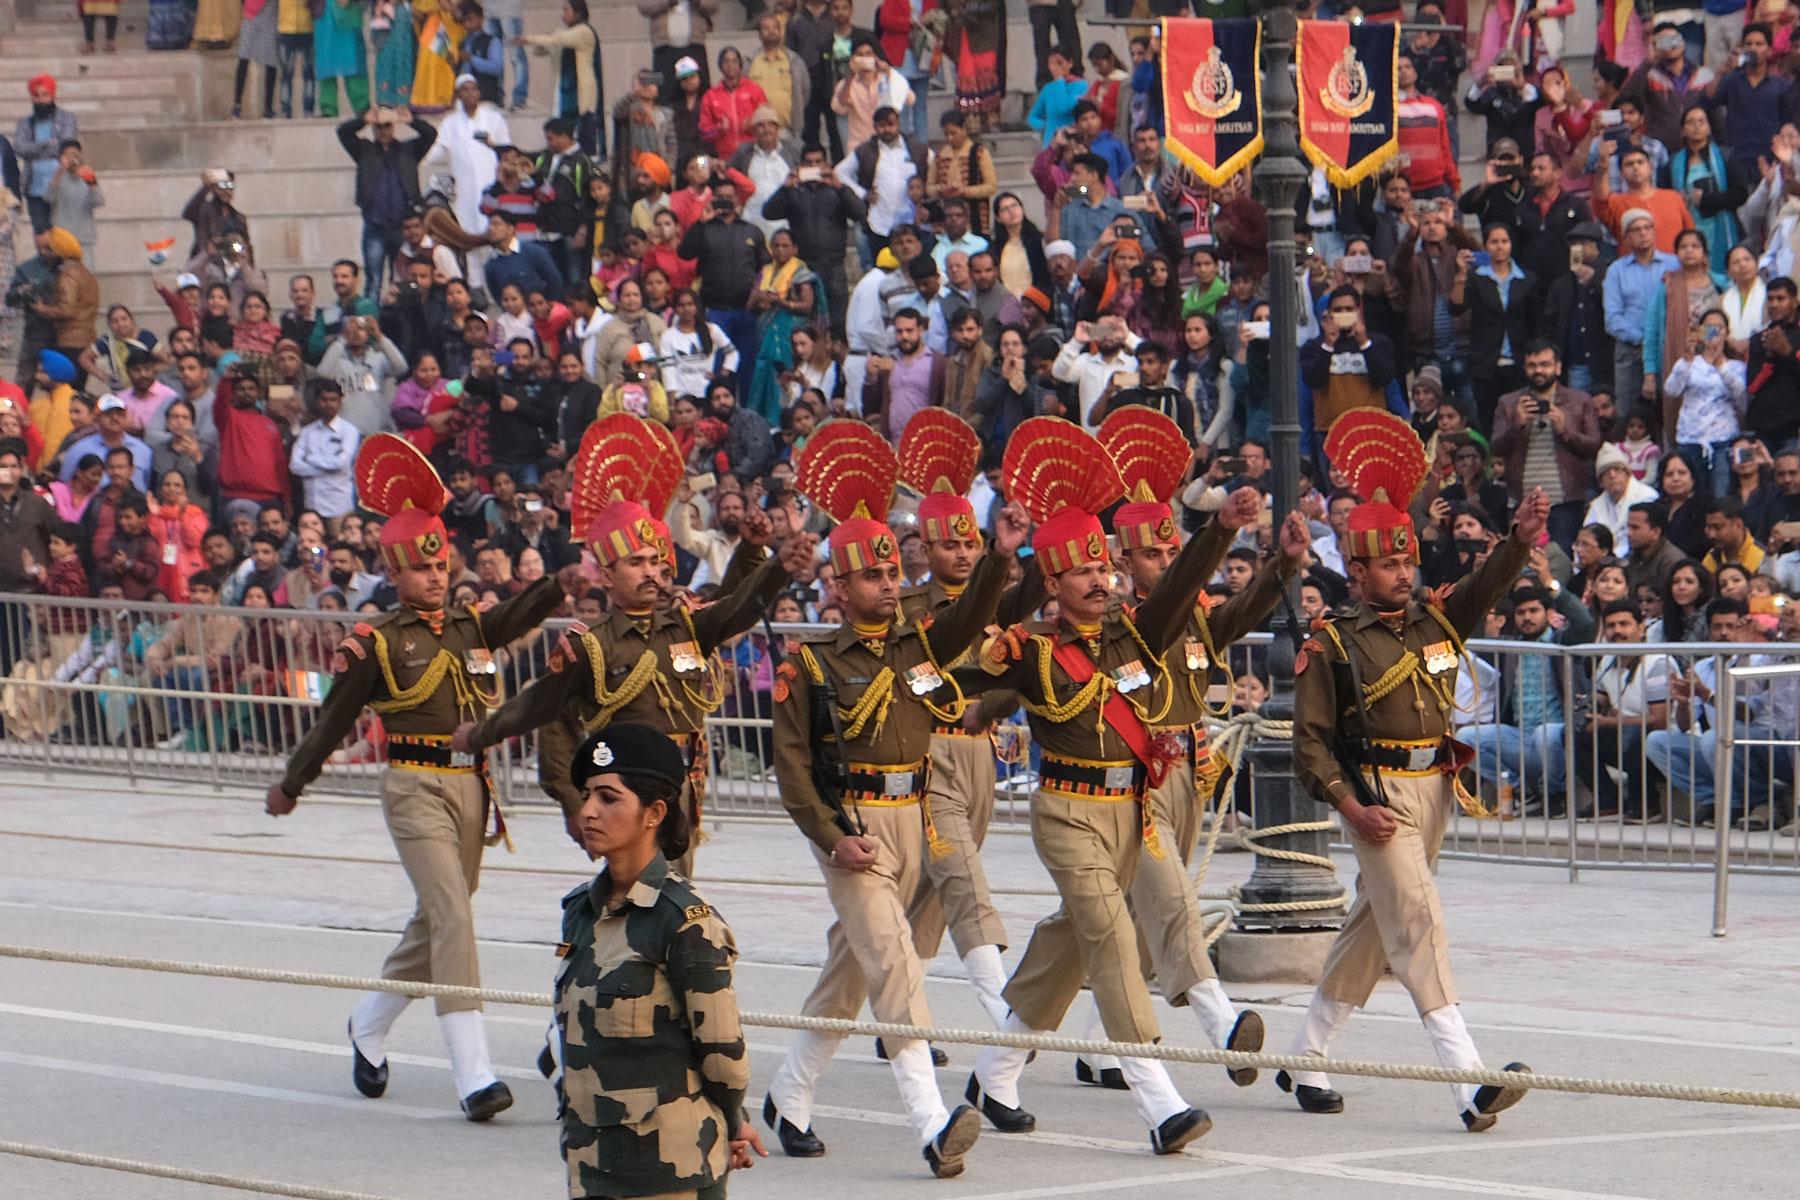 Wir nutzen die Gelegenheit und schauen uns die Zeremonie auch von der indischen Seite aus an